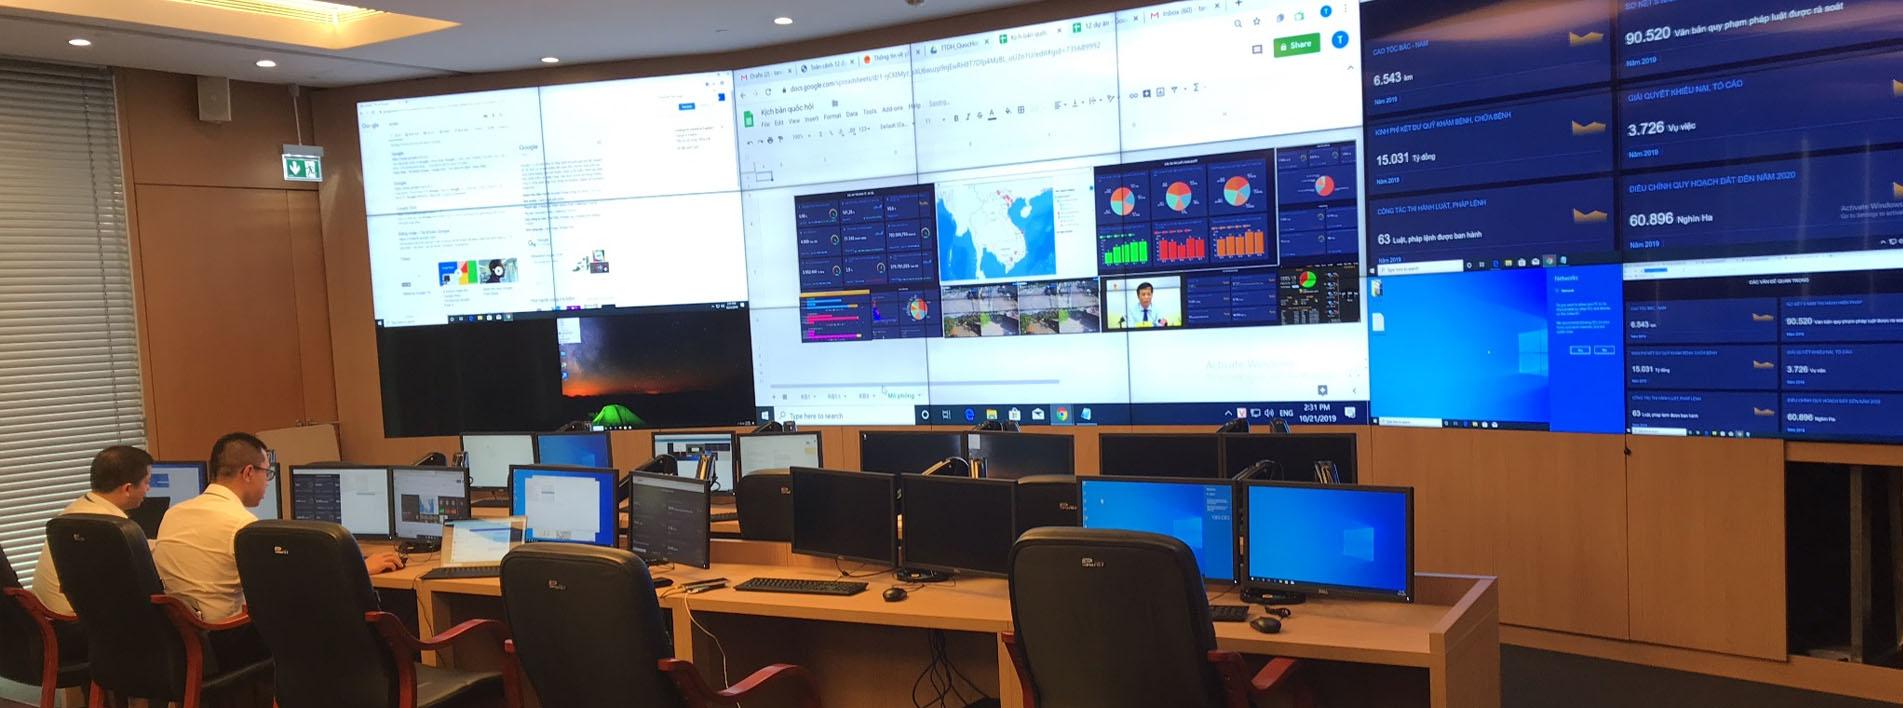 Hệ thống màn hình ghép trung tâm điều hành - Slider